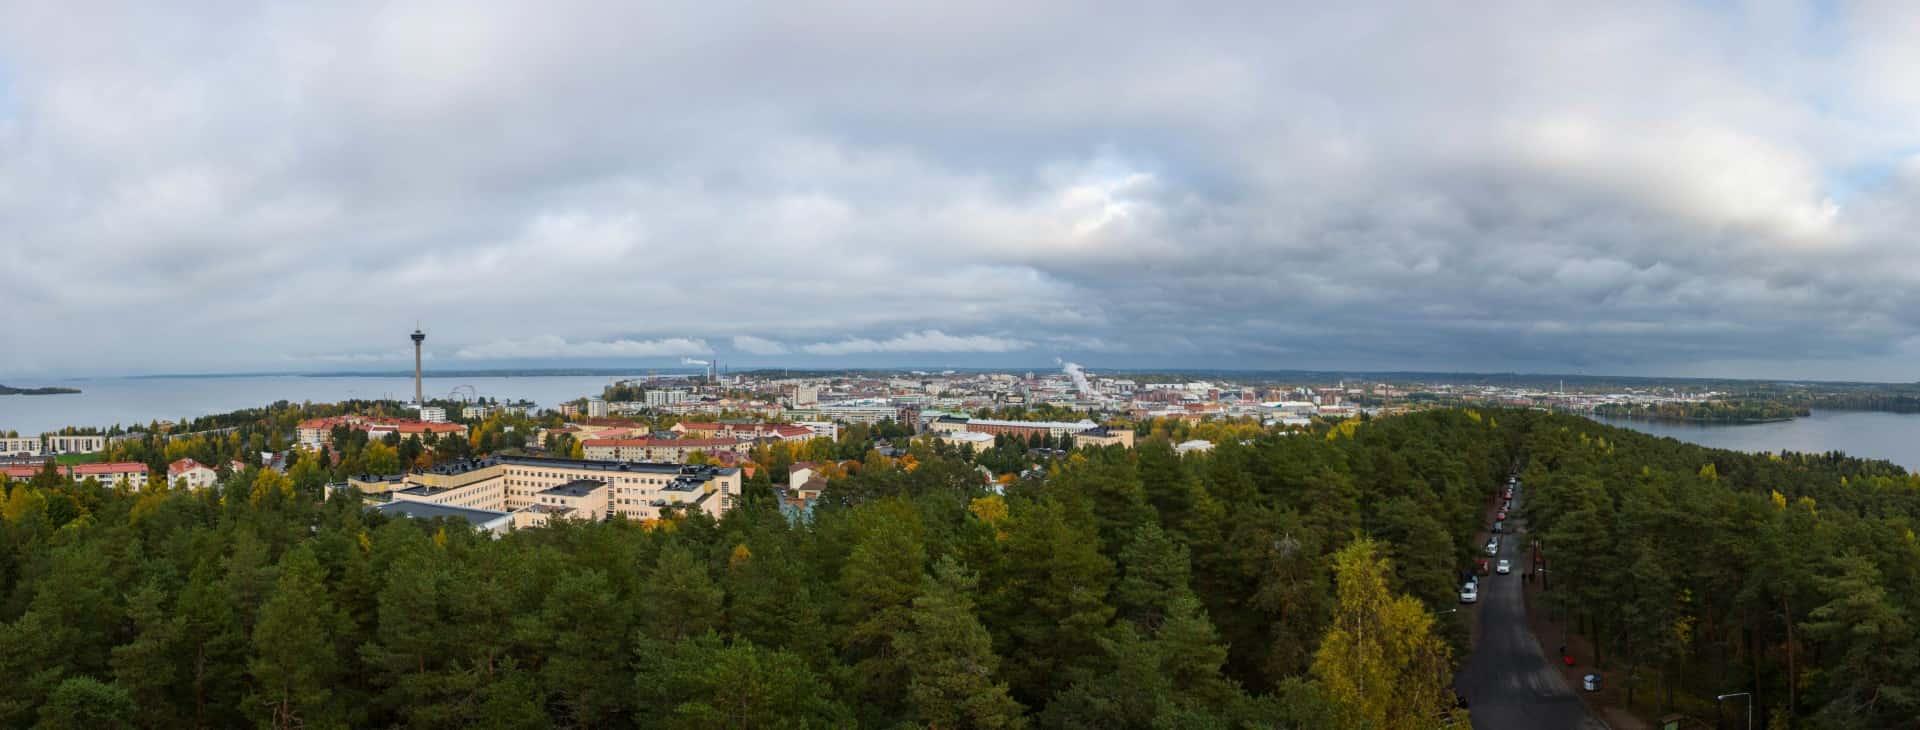 Tampere – Študentsko mesto